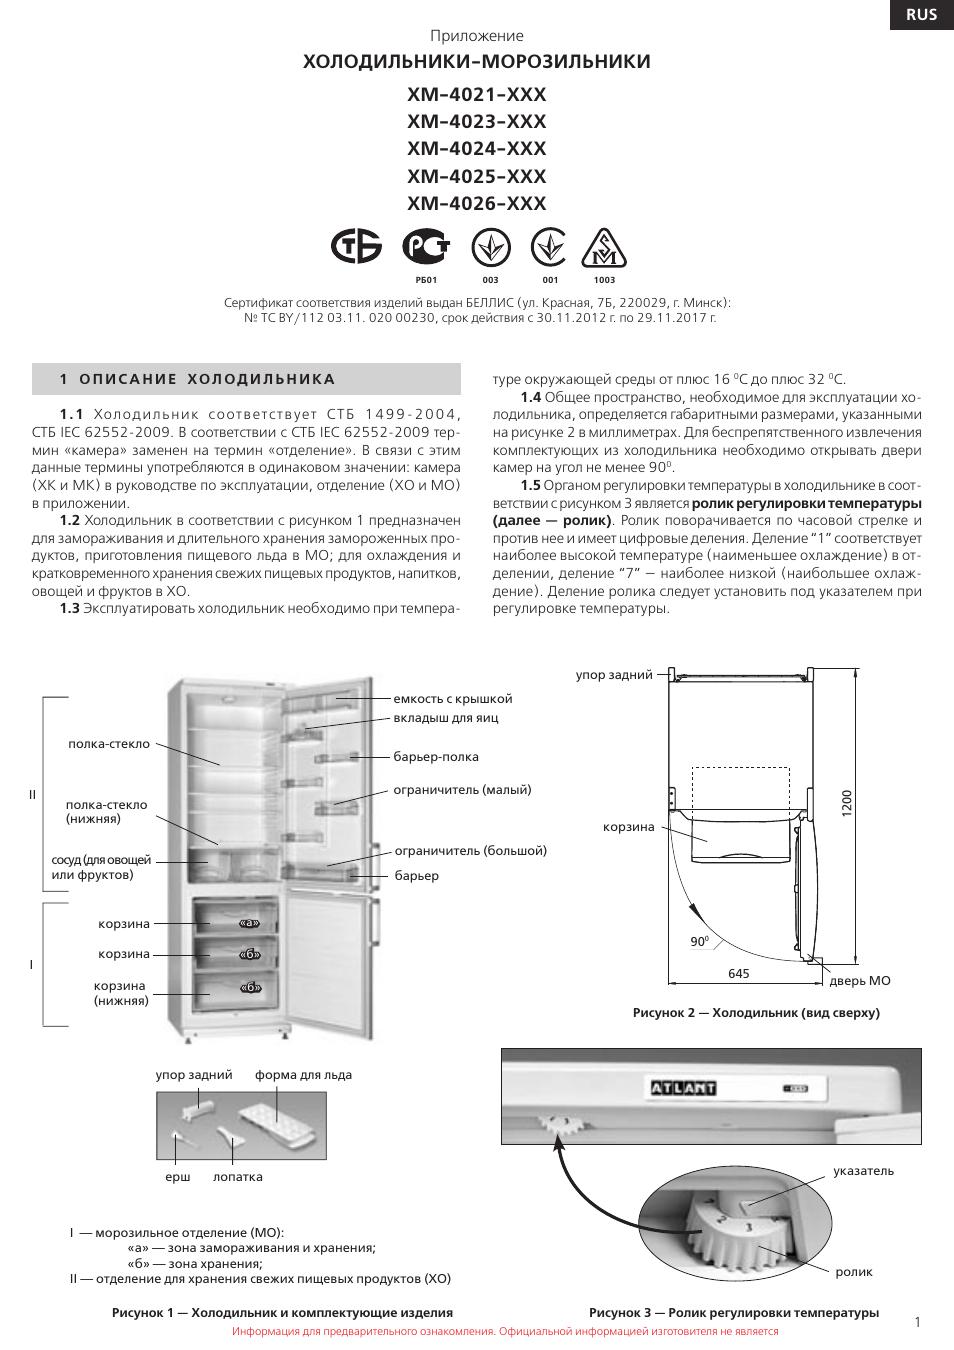 инструкция по эксплуатации атлант хм 4021 приложение 24 страницы